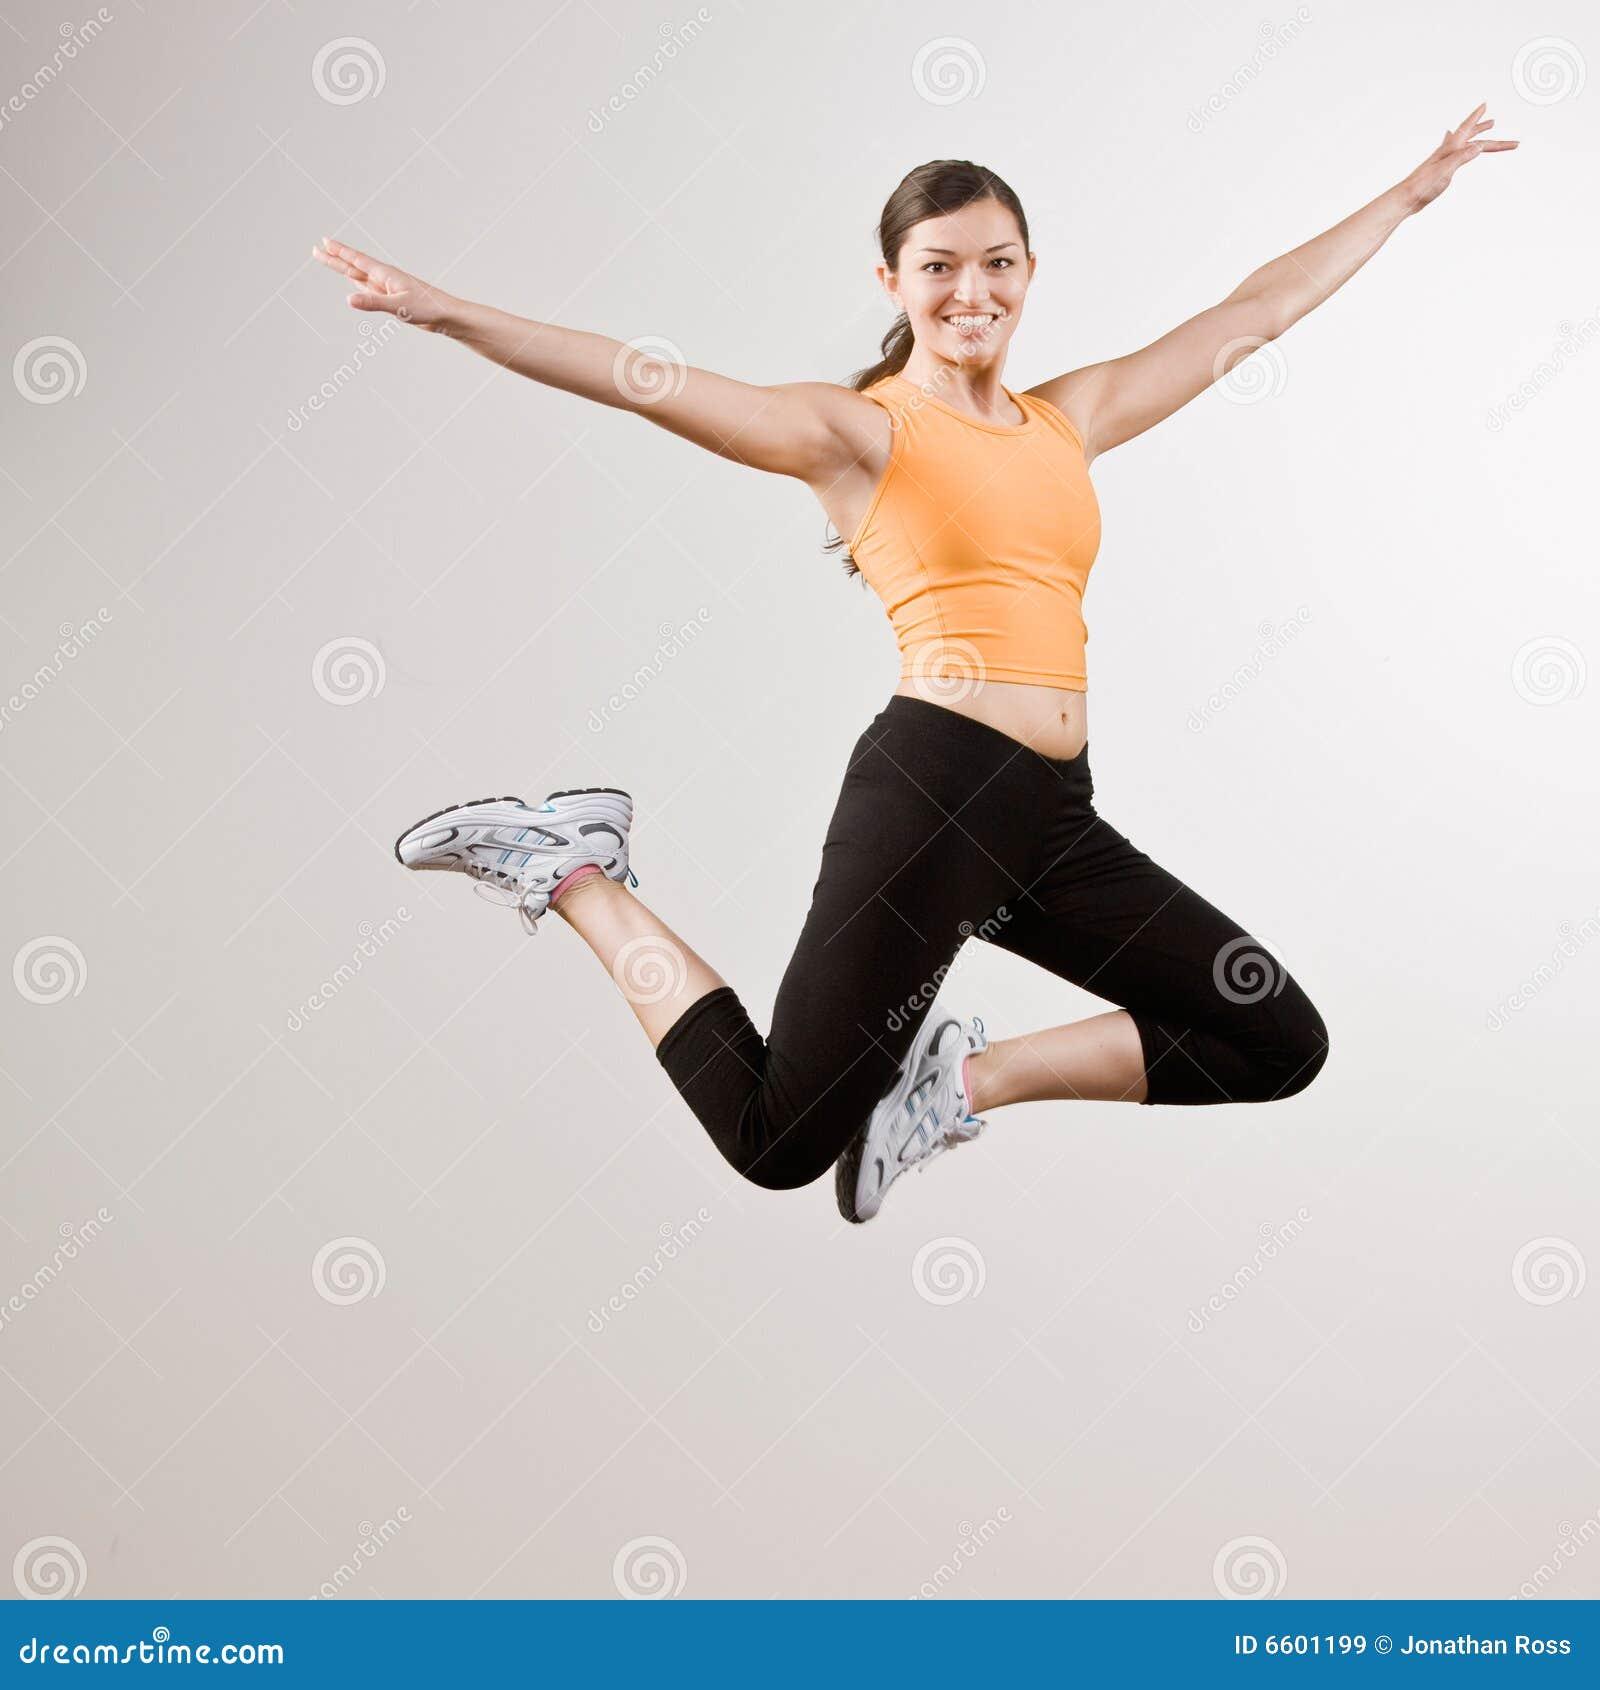 Sterke atletische vrouw die in mid-air springt